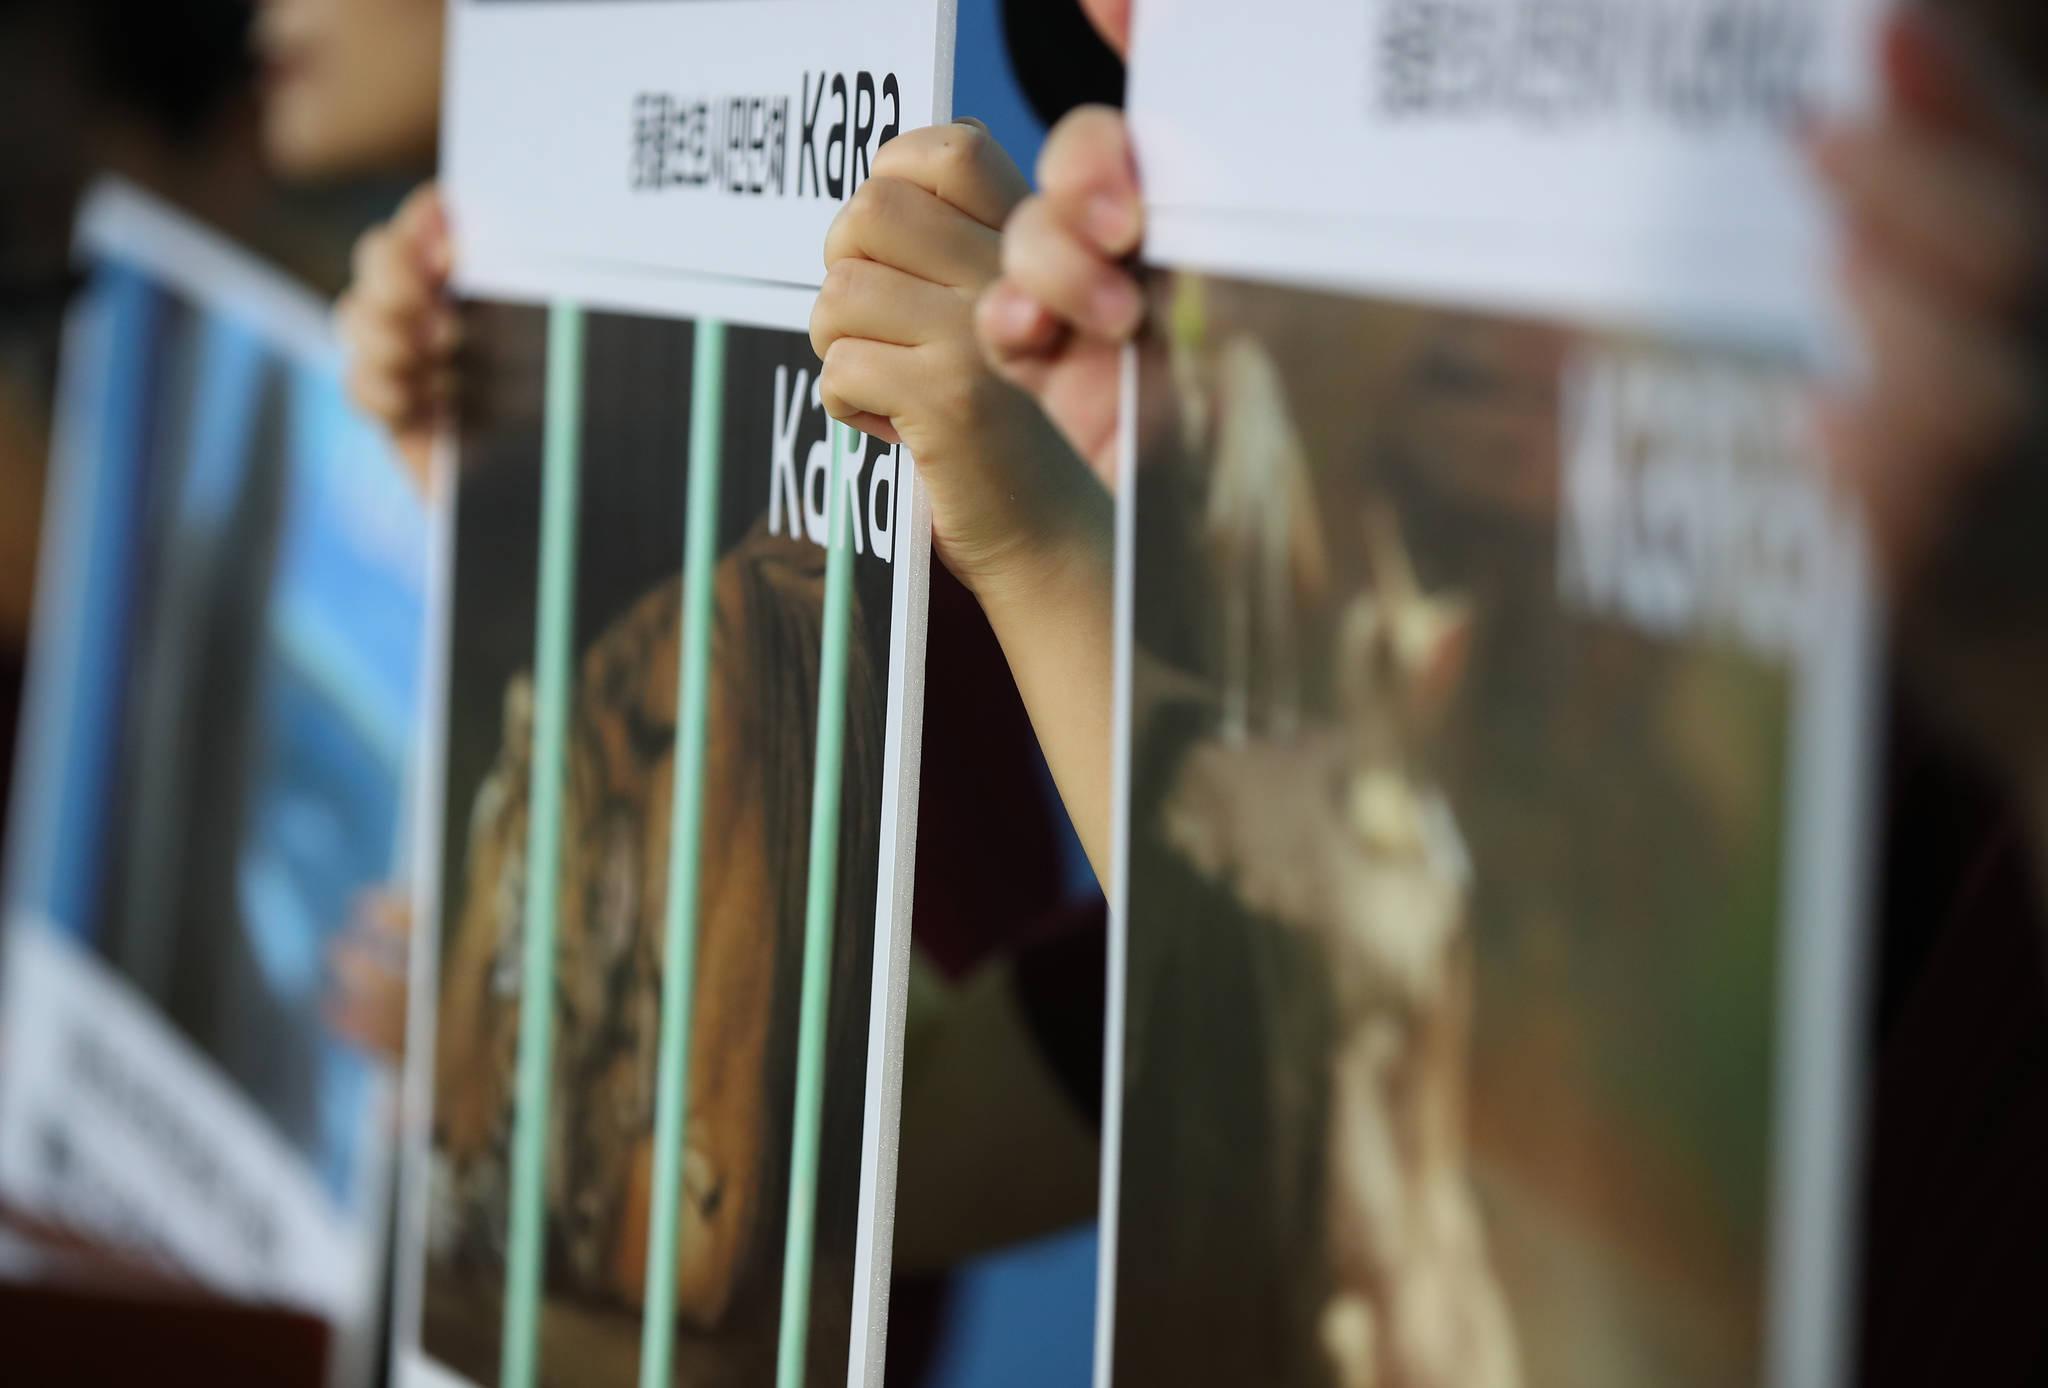 동물보호단체 '카라' 관계자들이 지난 8월 16일 오전 국회 정론관에서 기자회견을 열고 전시동물원에서 벗어나 동물들의 처우 개선을 위한 생태동물원을 통해 인간과 동물들의 공존과 상호존중 풍토 조성을 촉구했다.[연합뉴스]